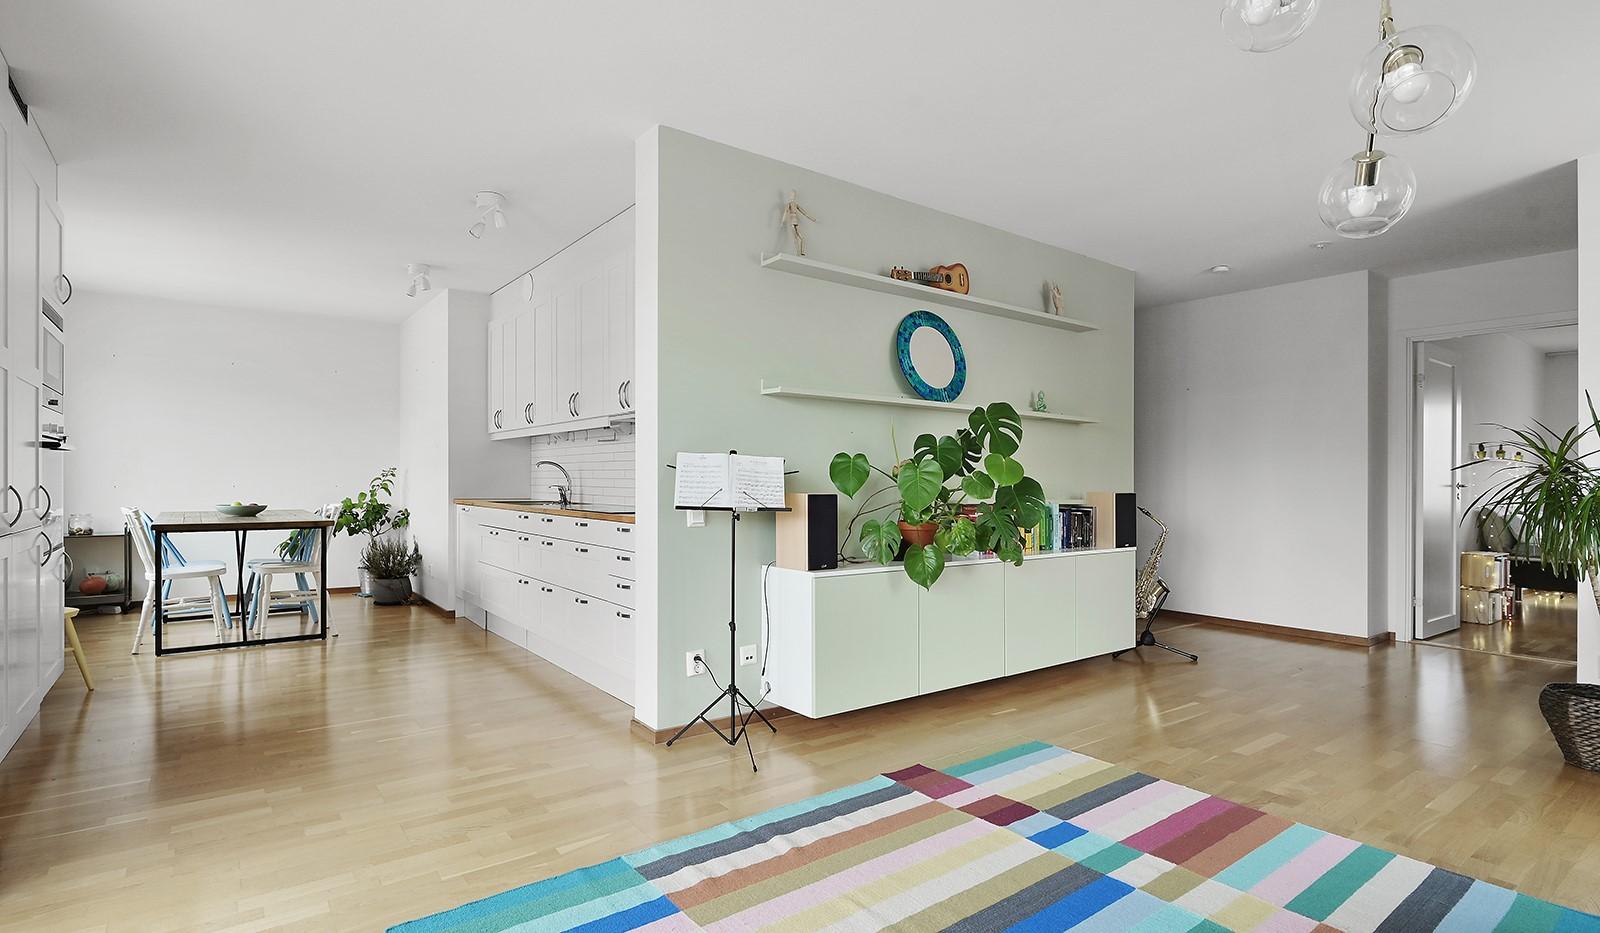 Marieviksgatan 38, 6 tr - Delvis öppen planlösning mellan vardagsrum och kök